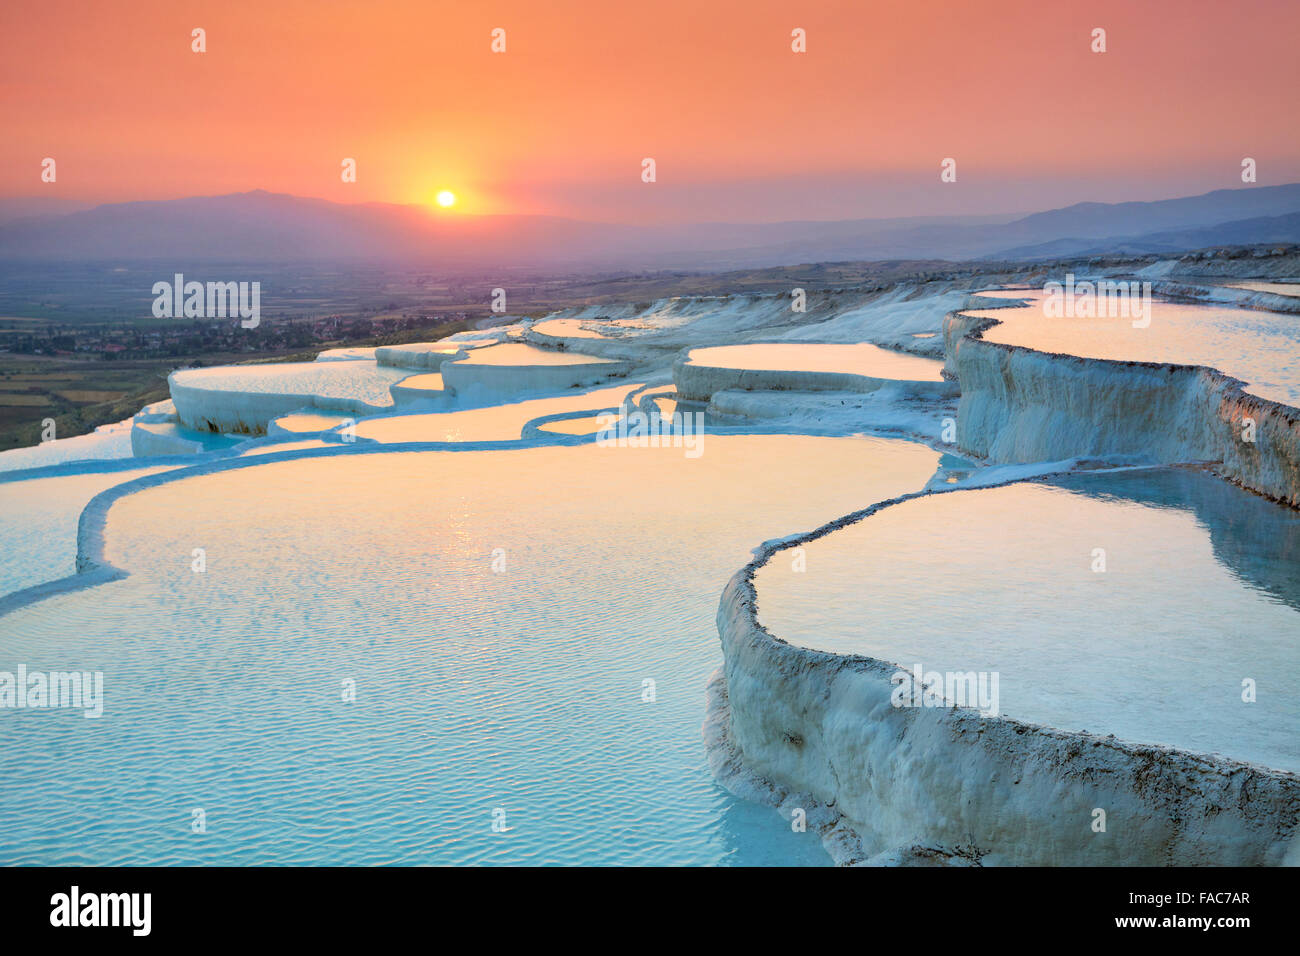 Paesaggi di Pamukkale tramonto - terrazze di minerali di carbonato di sinistra dall'acqua fluente, Pamukkale, Turchia Foto Stock